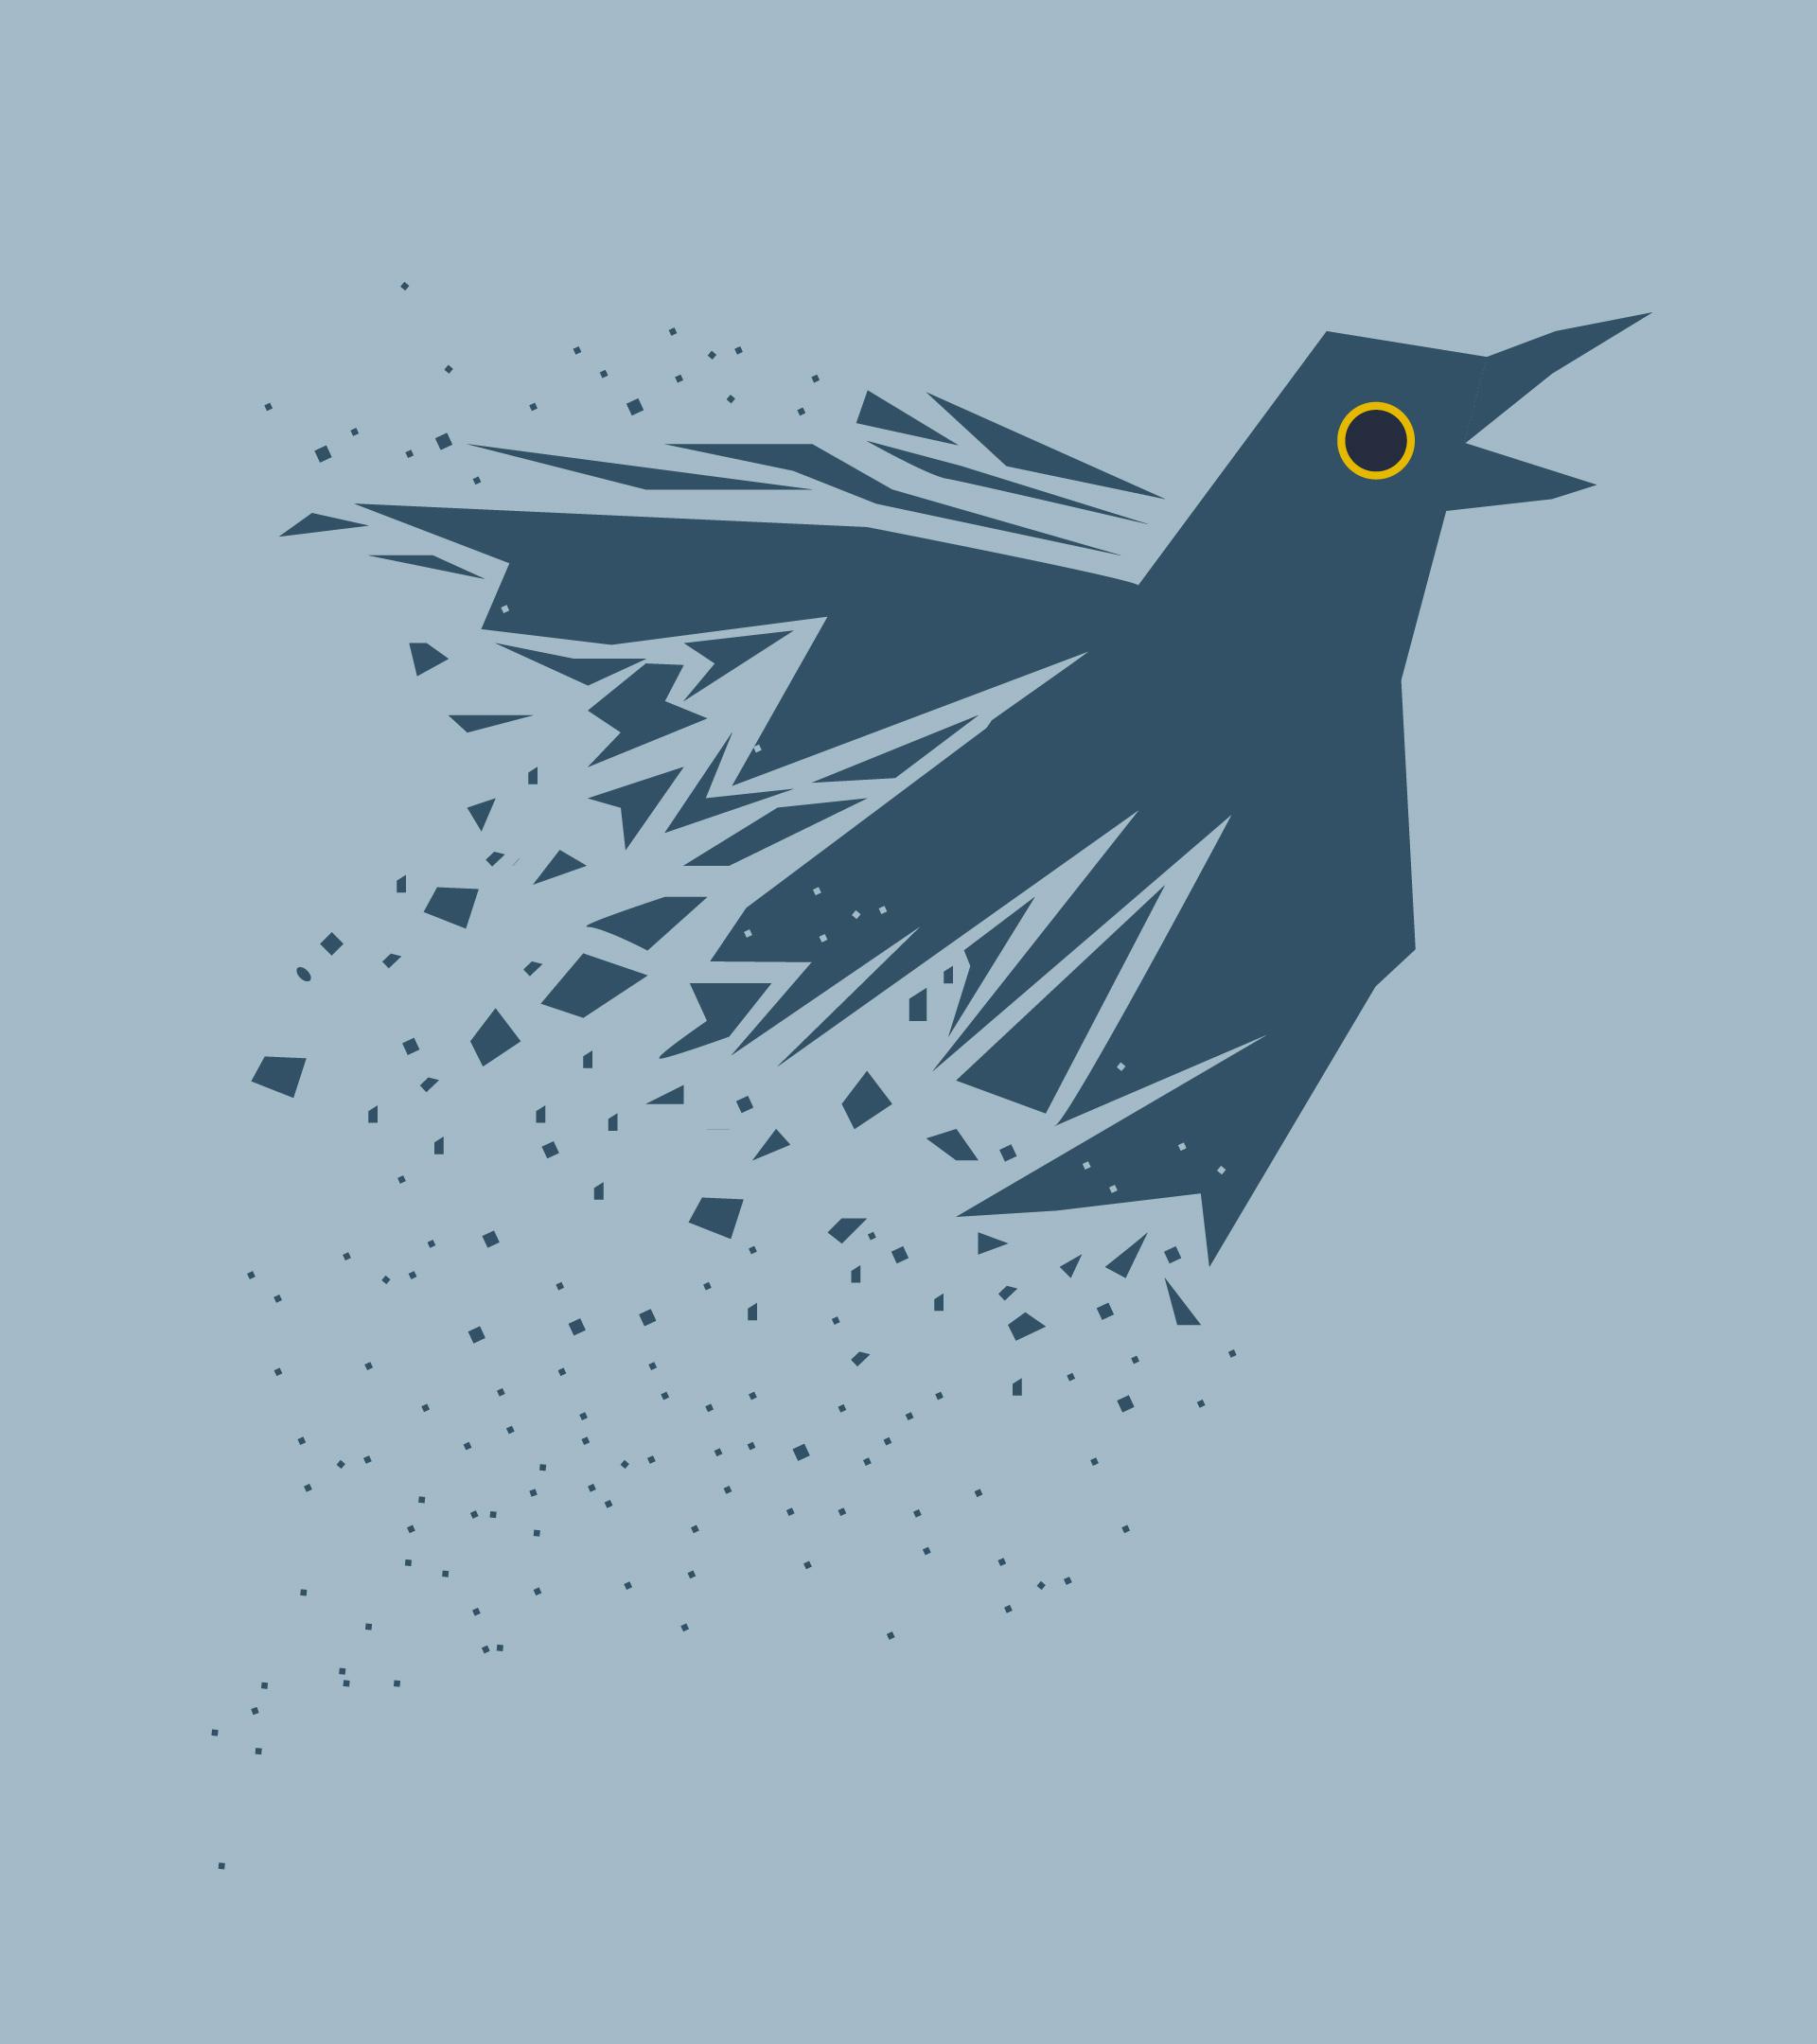 Un cuervo que se mueve y se deshace en pequeños fragmentos.